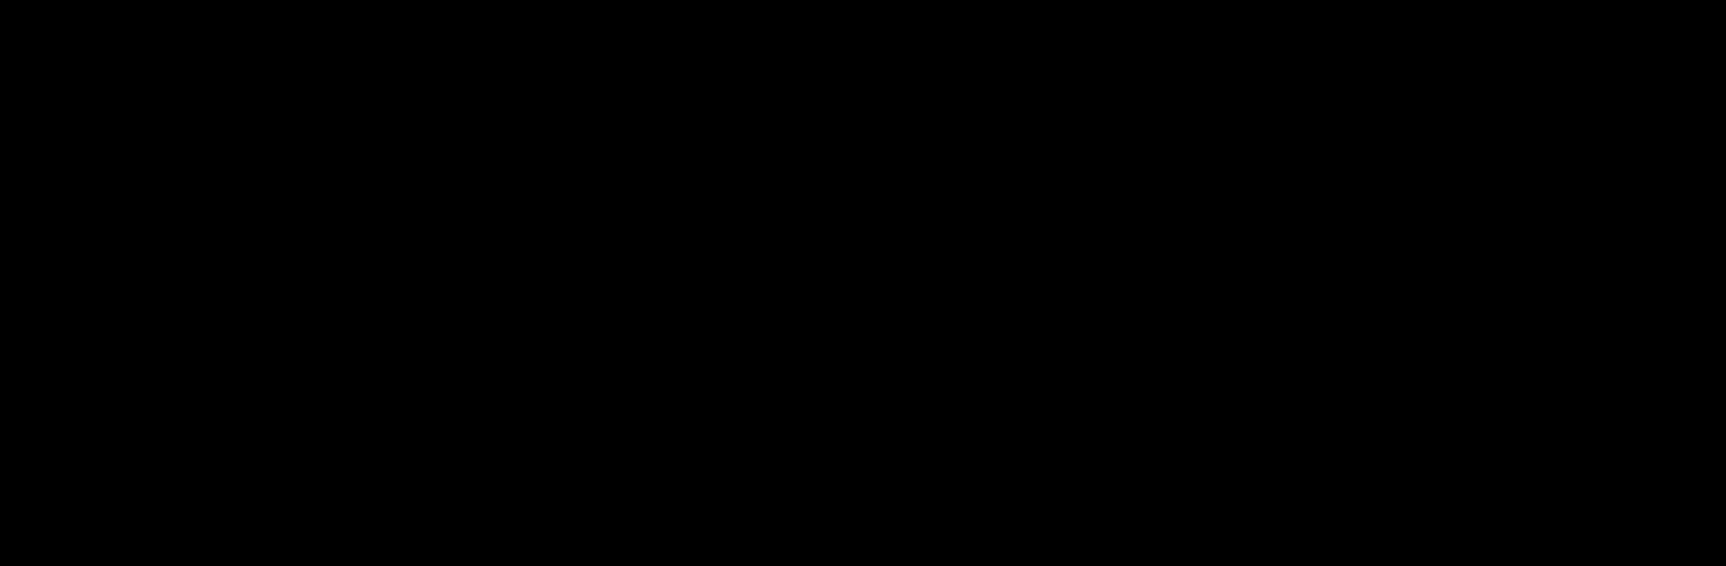 SB-366791-d<sub>3</sub>